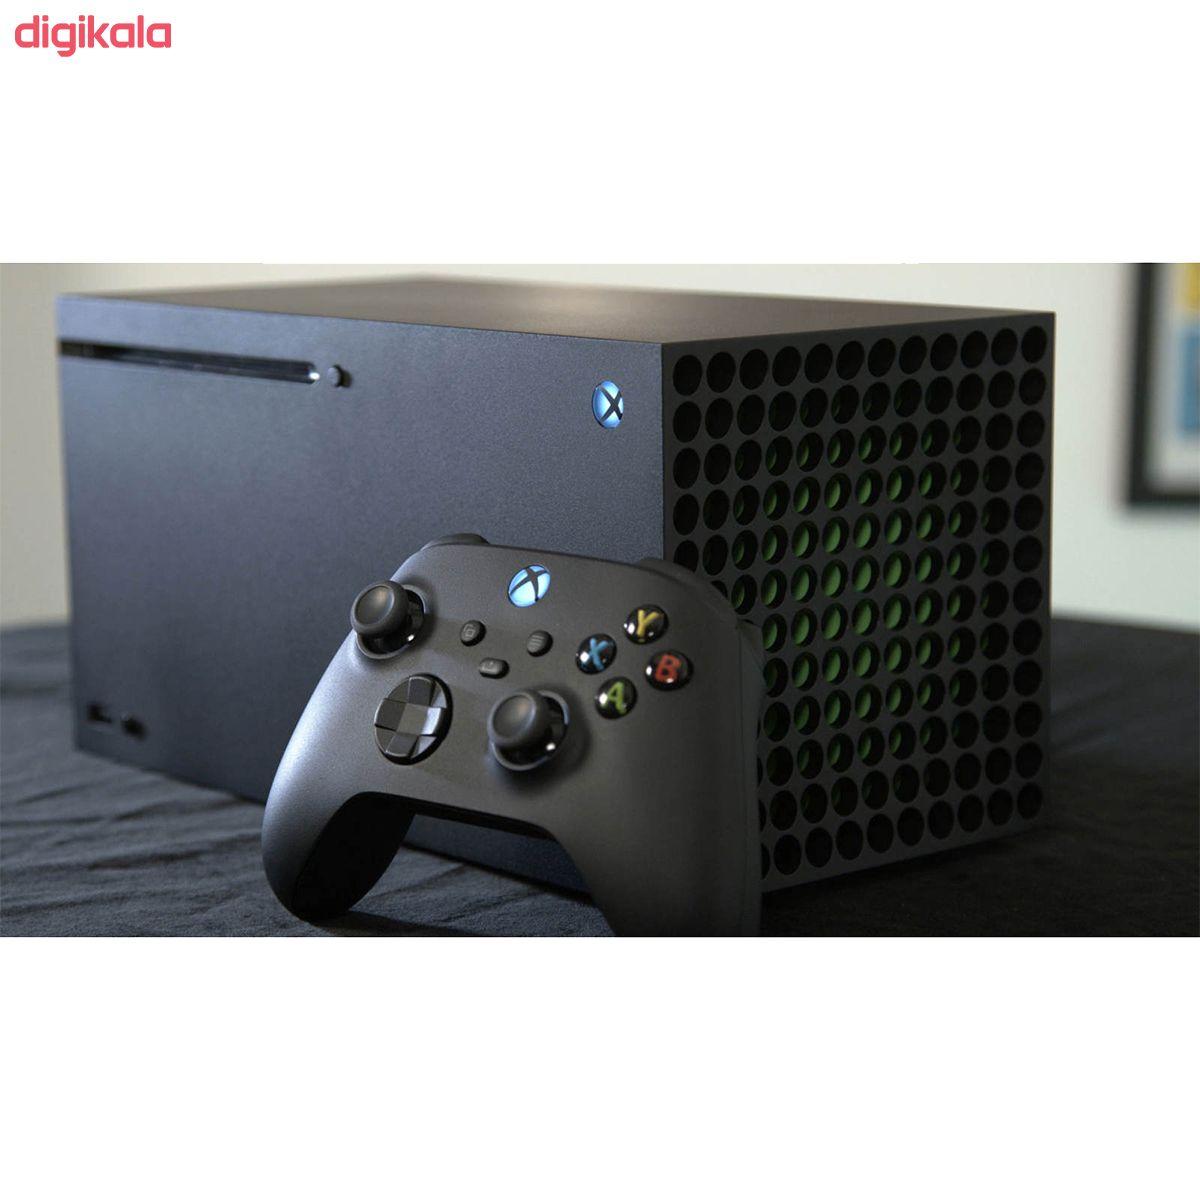 مجموعه کنسول بازی مایکروسافت مدل Xbox Series X ظرفیت 1 ترابایت main 1 12